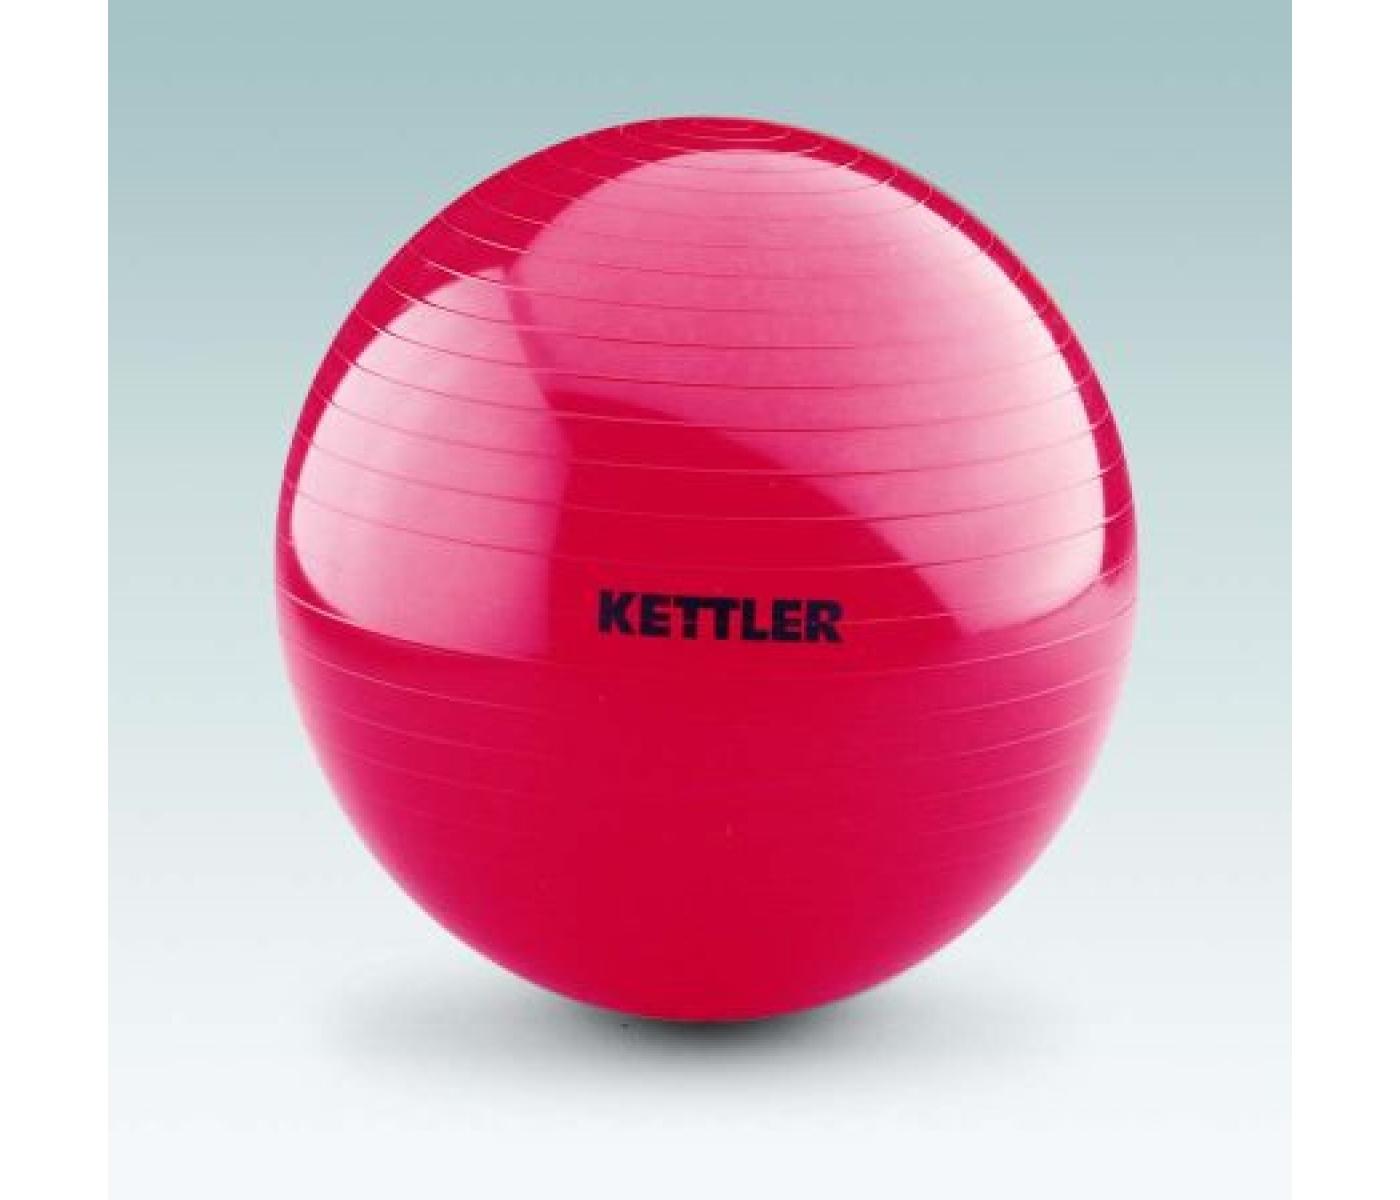 kettler gymnastik ball 75 cm. Black Bedroom Furniture Sets. Home Design Ideas